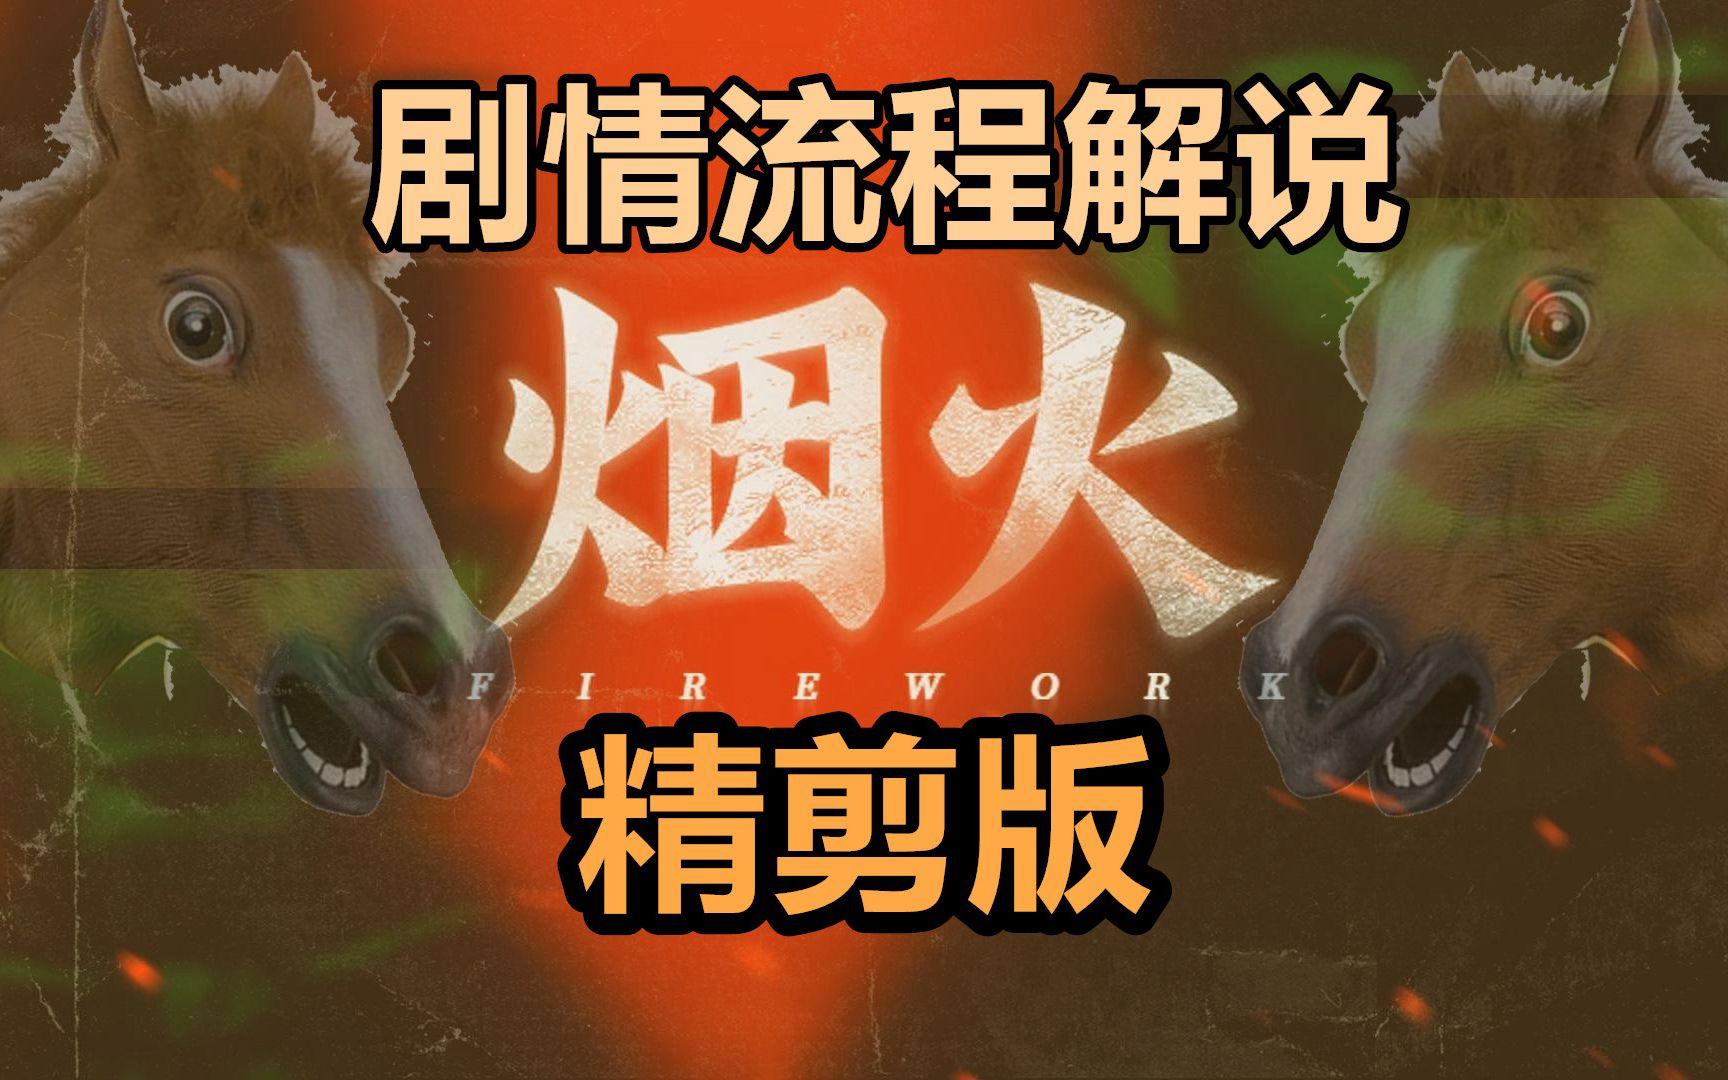 【完结】某幻《烟火》国产游戏,站起来了!